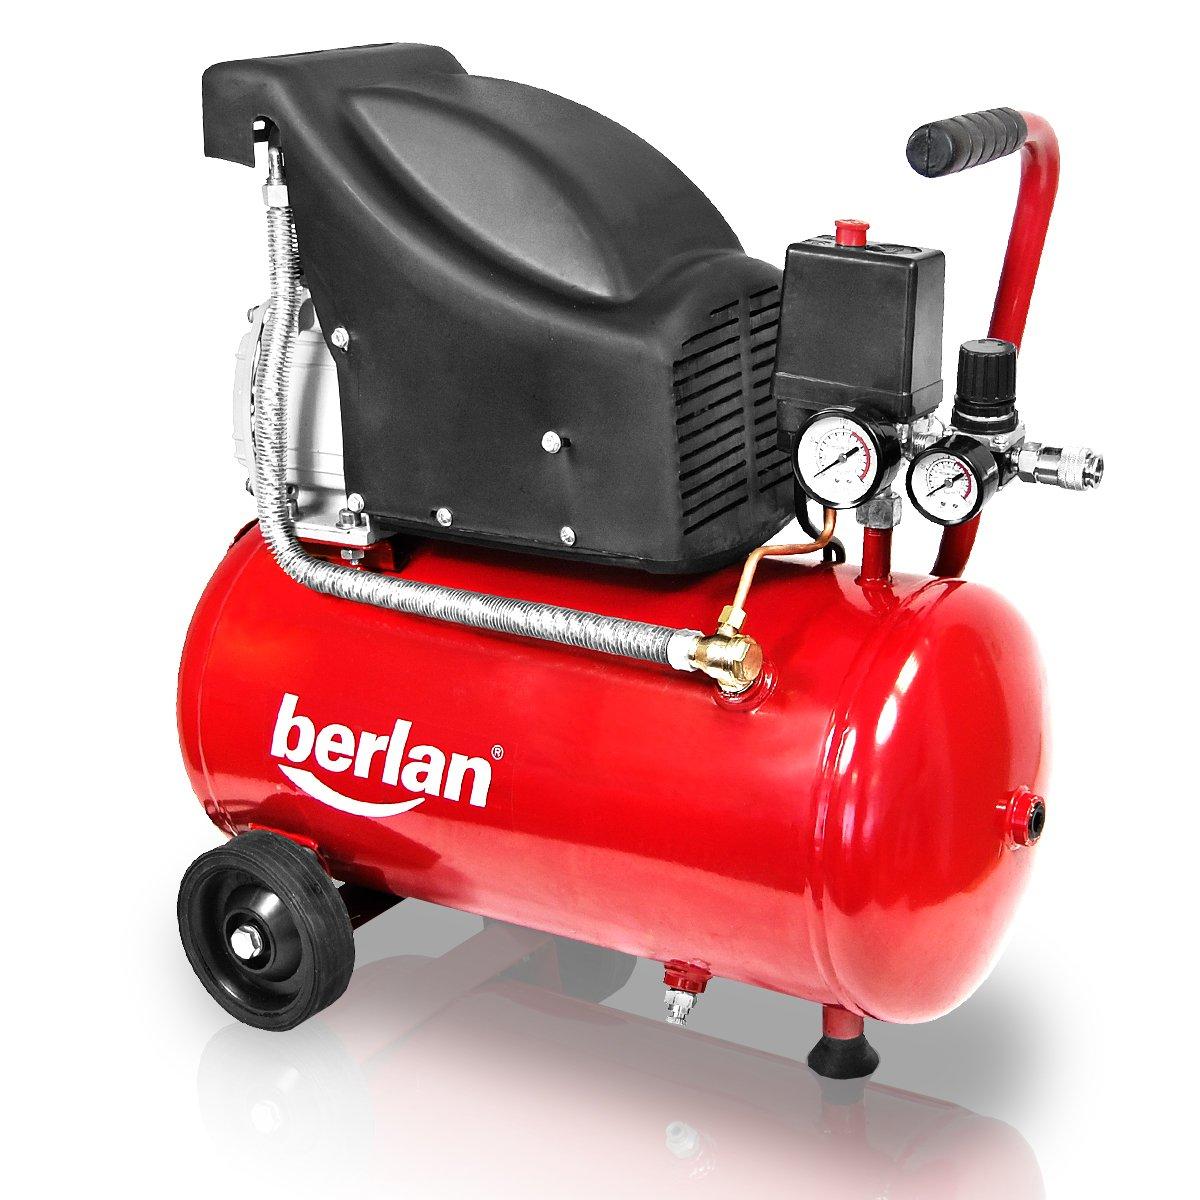 Berlan Kompressor BKP150024  BaumarktÜberprüfung und weitere Informationen